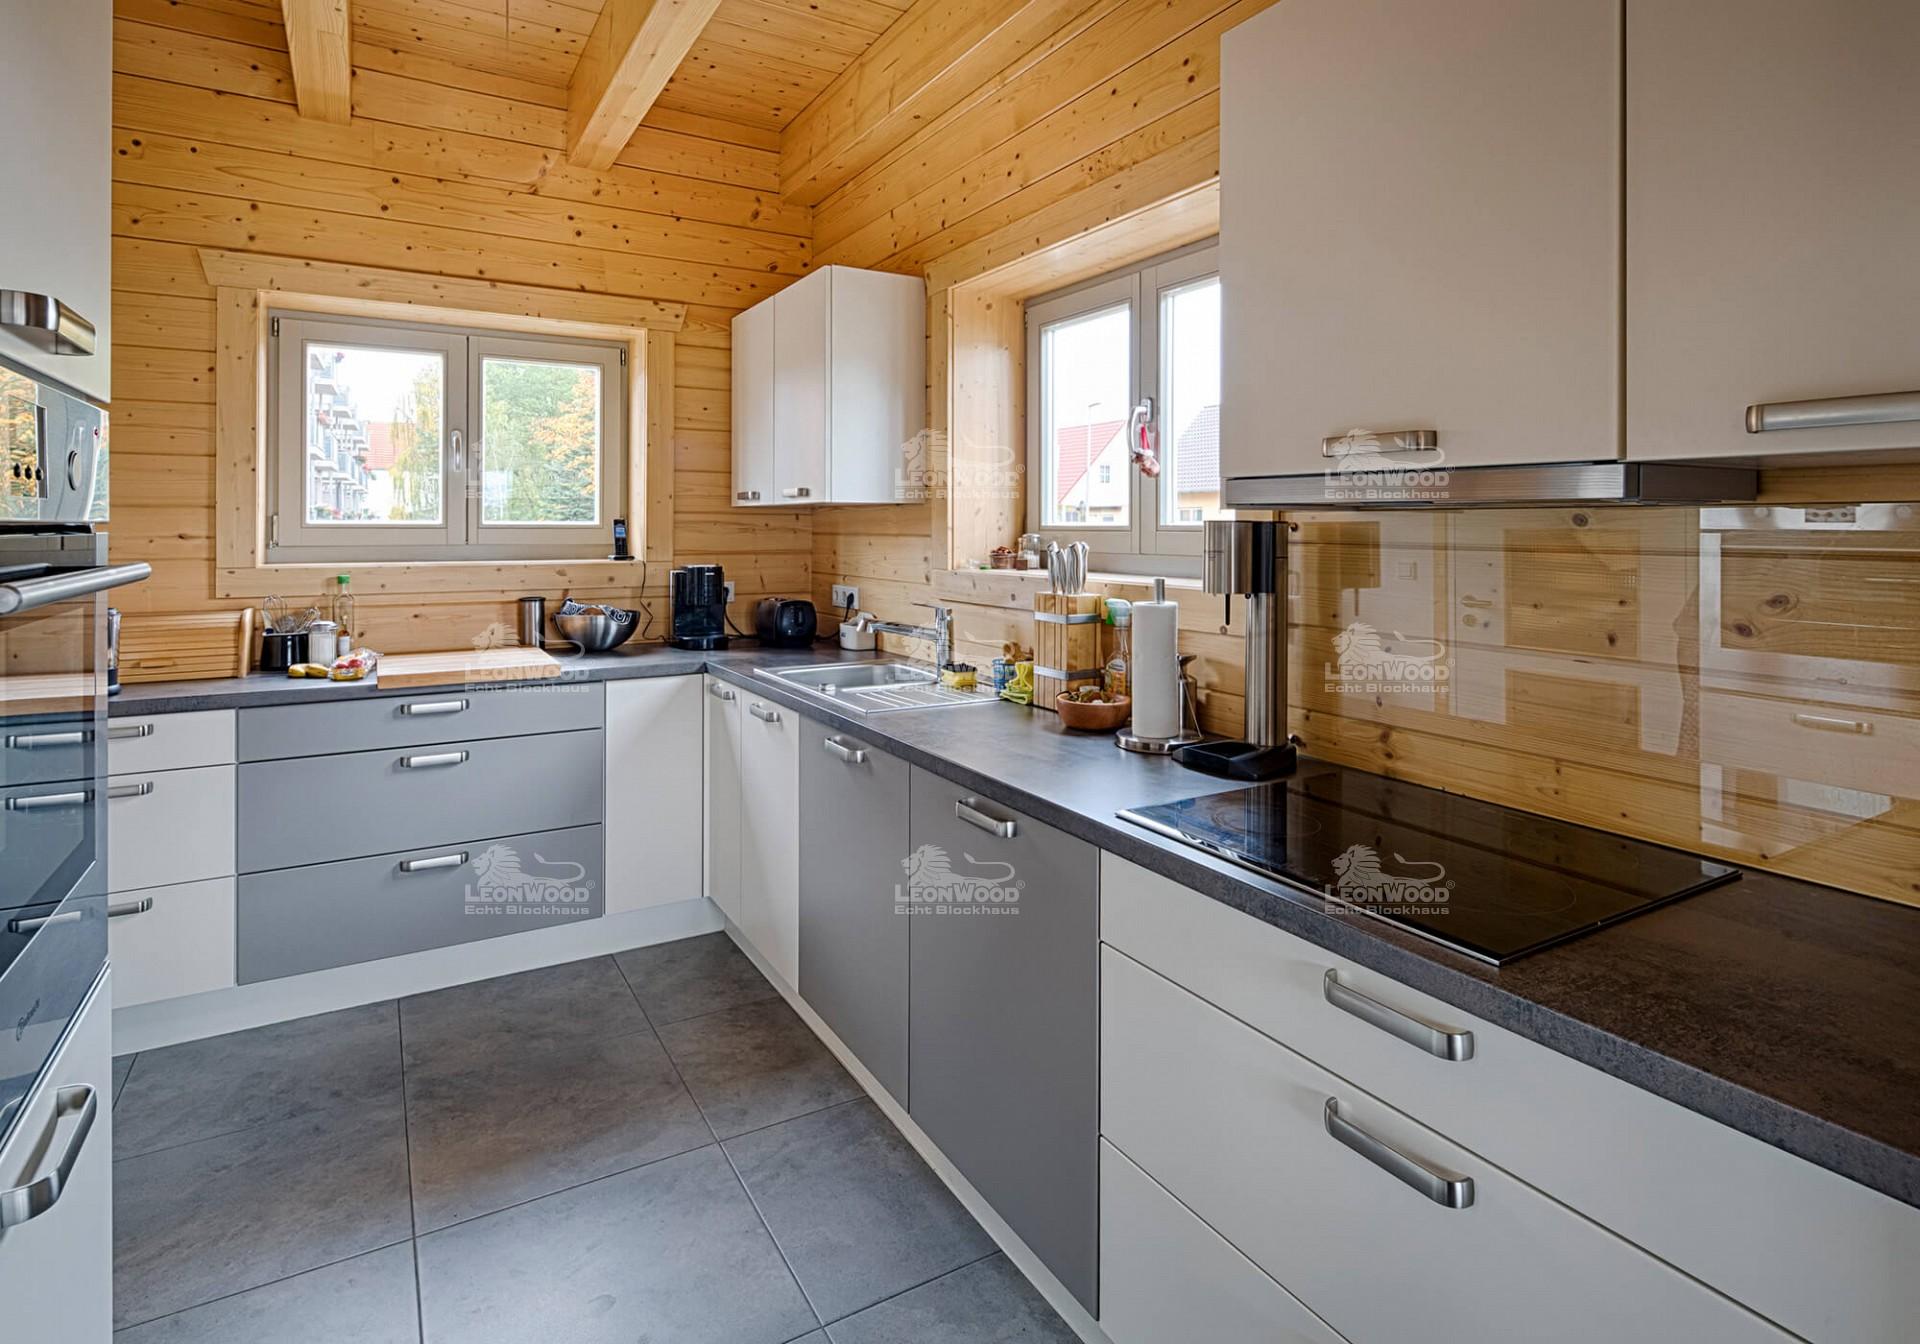 Ziemlich Blockhaus Küche Ideen Galerie - My Own Email